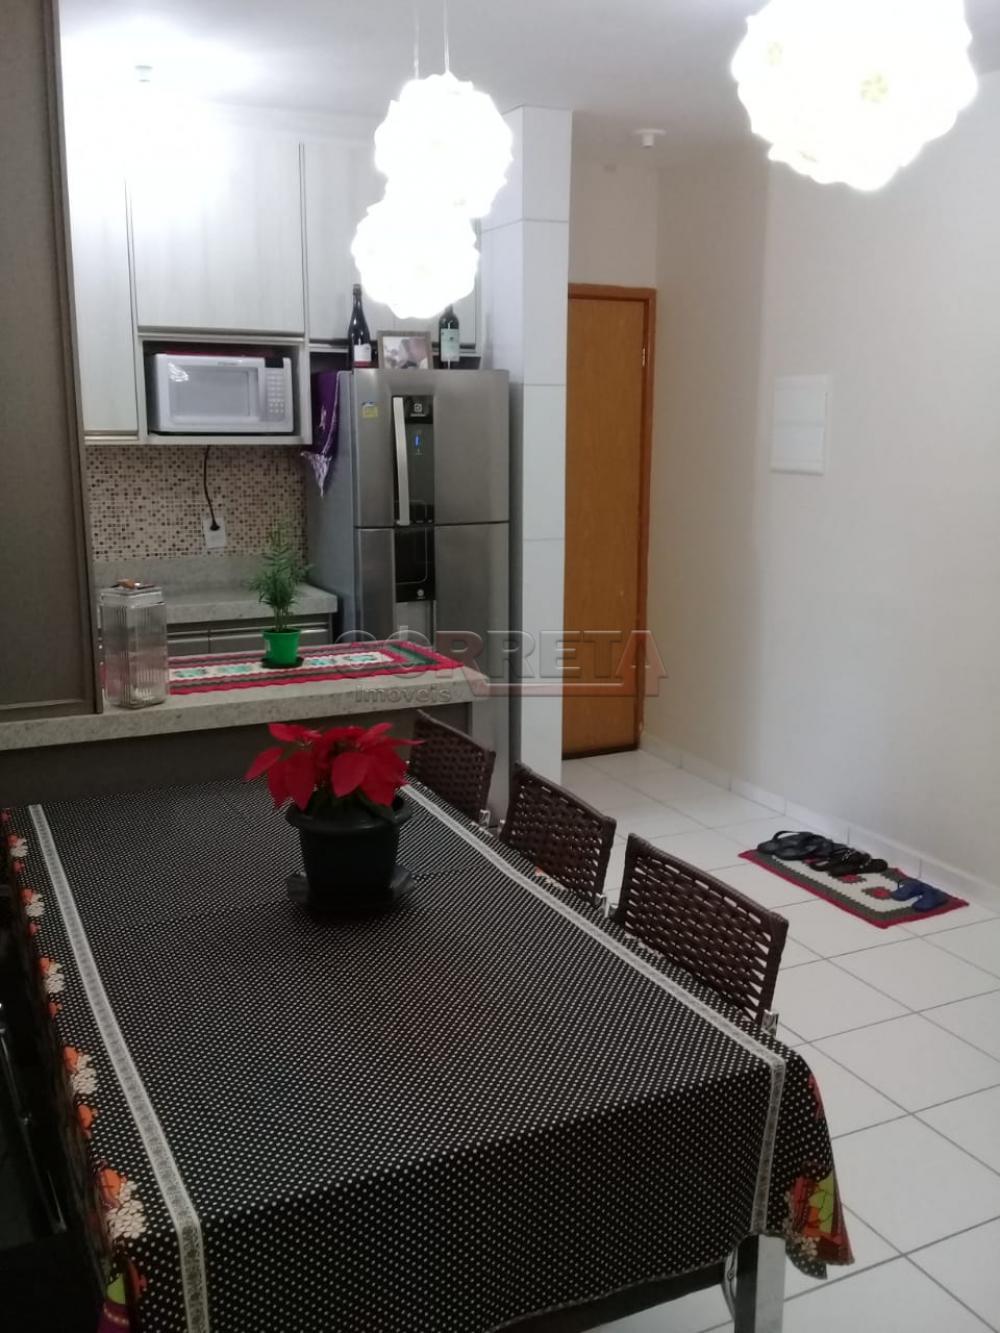 Alugar Apartamento / Padrão em Araçatuba apenas R$ 950,00 - Foto 3